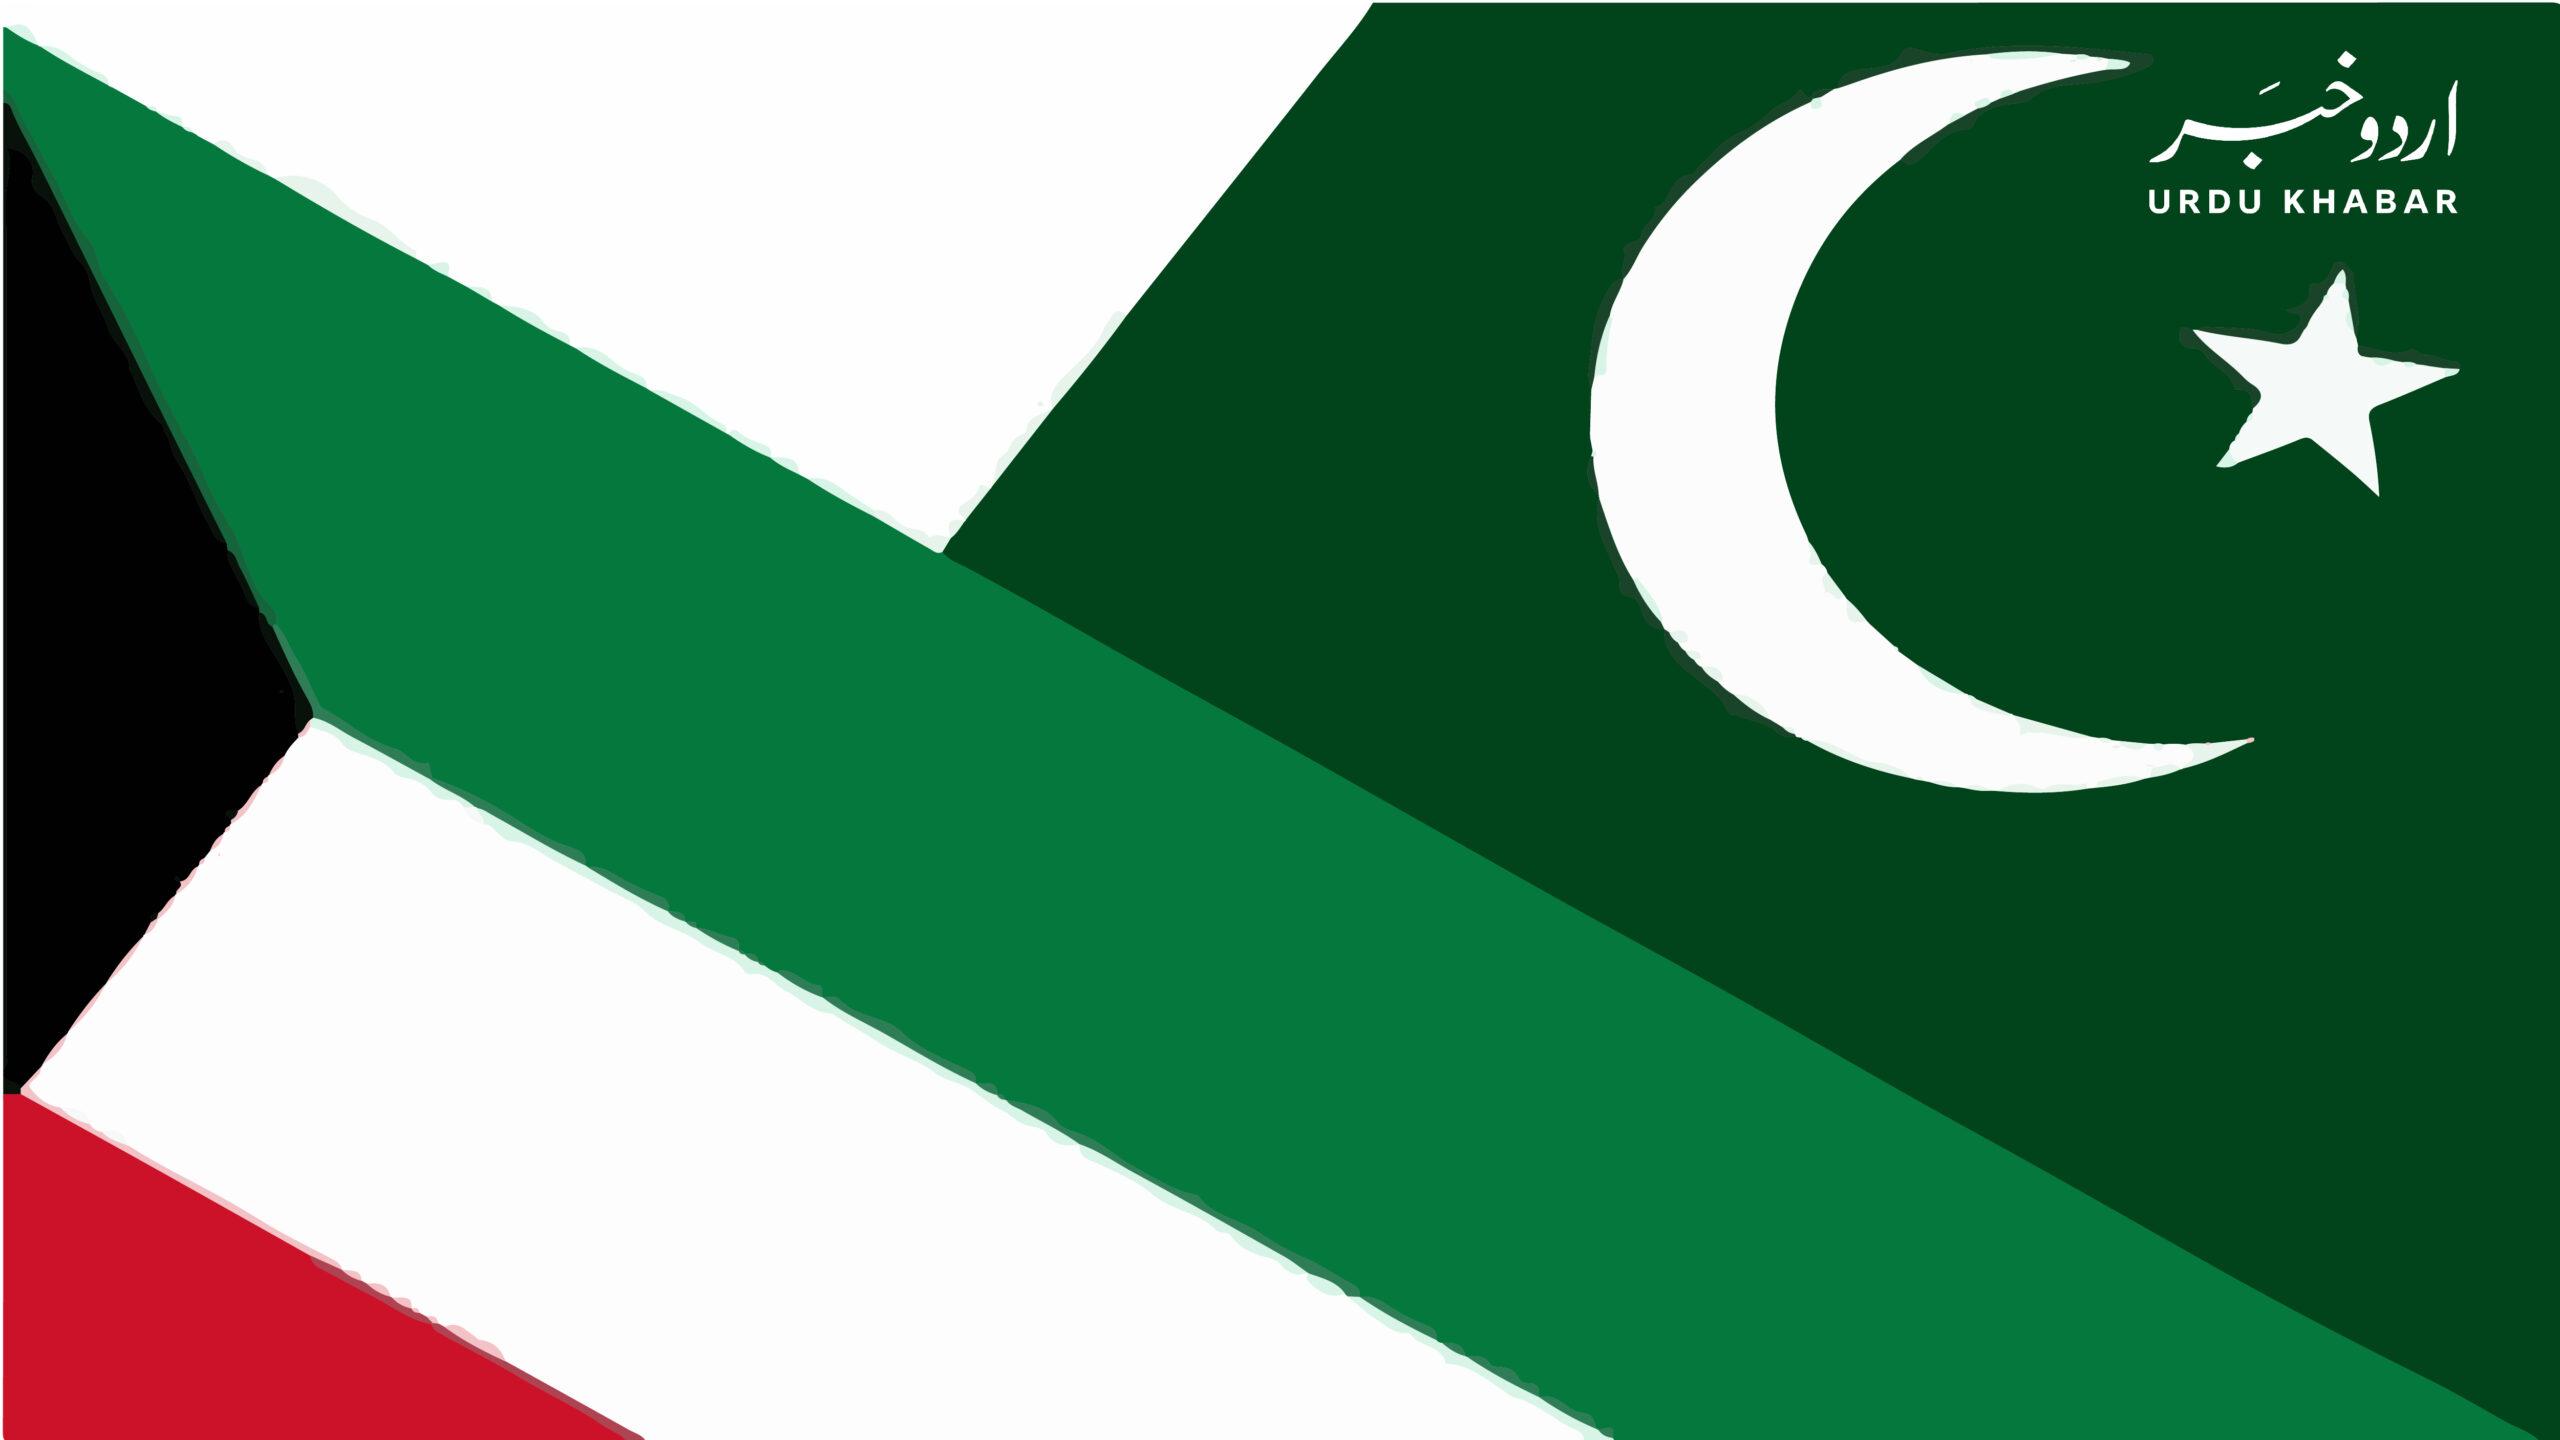 کویت کی پاکستان سے مضبوط تعلقات کی خواہش